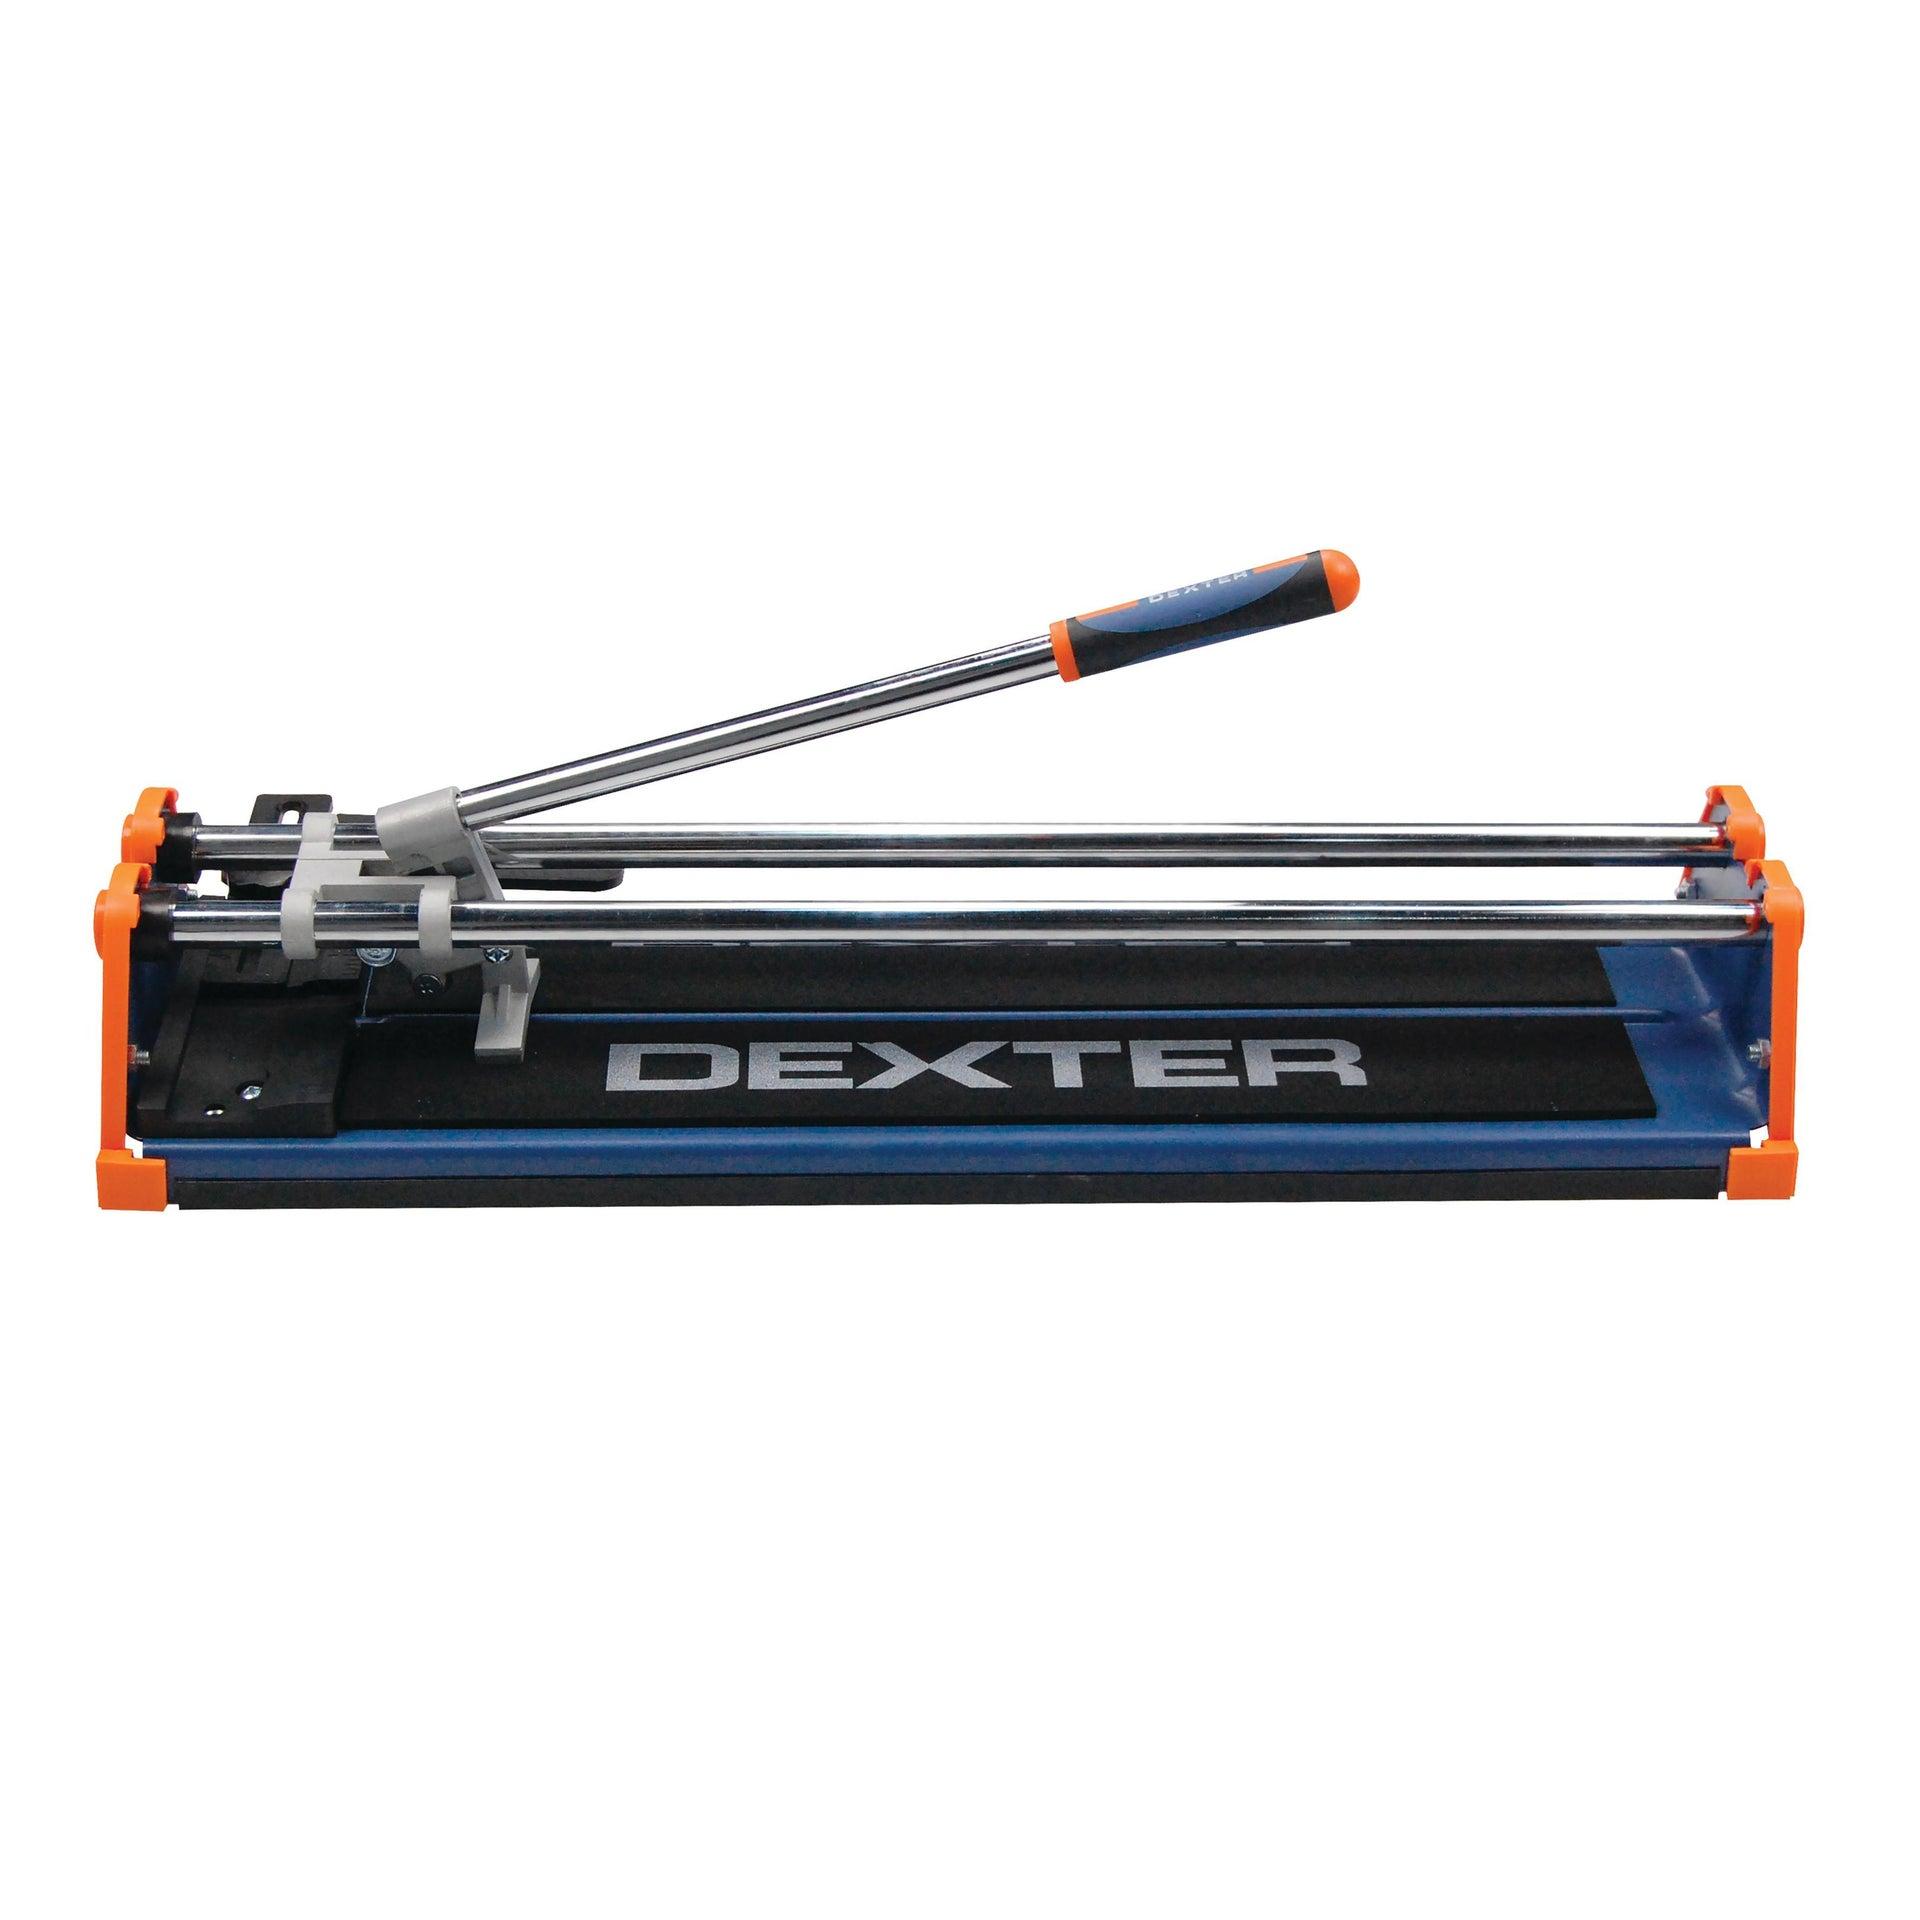 Tagliapiastrelle manuale DEXTER , lunghezza max taglio 430 mm - 2